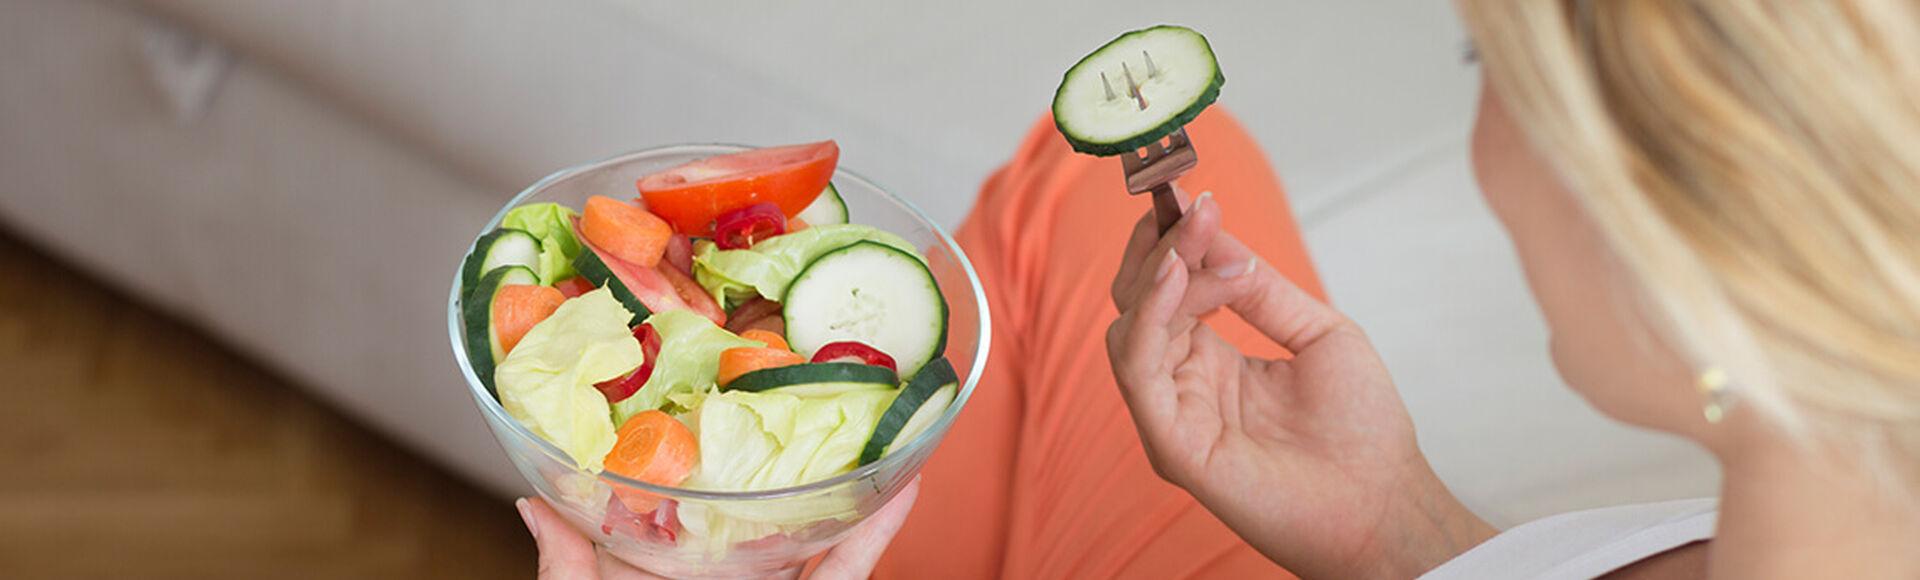 Encorajamento nutritivo para sua gravidez